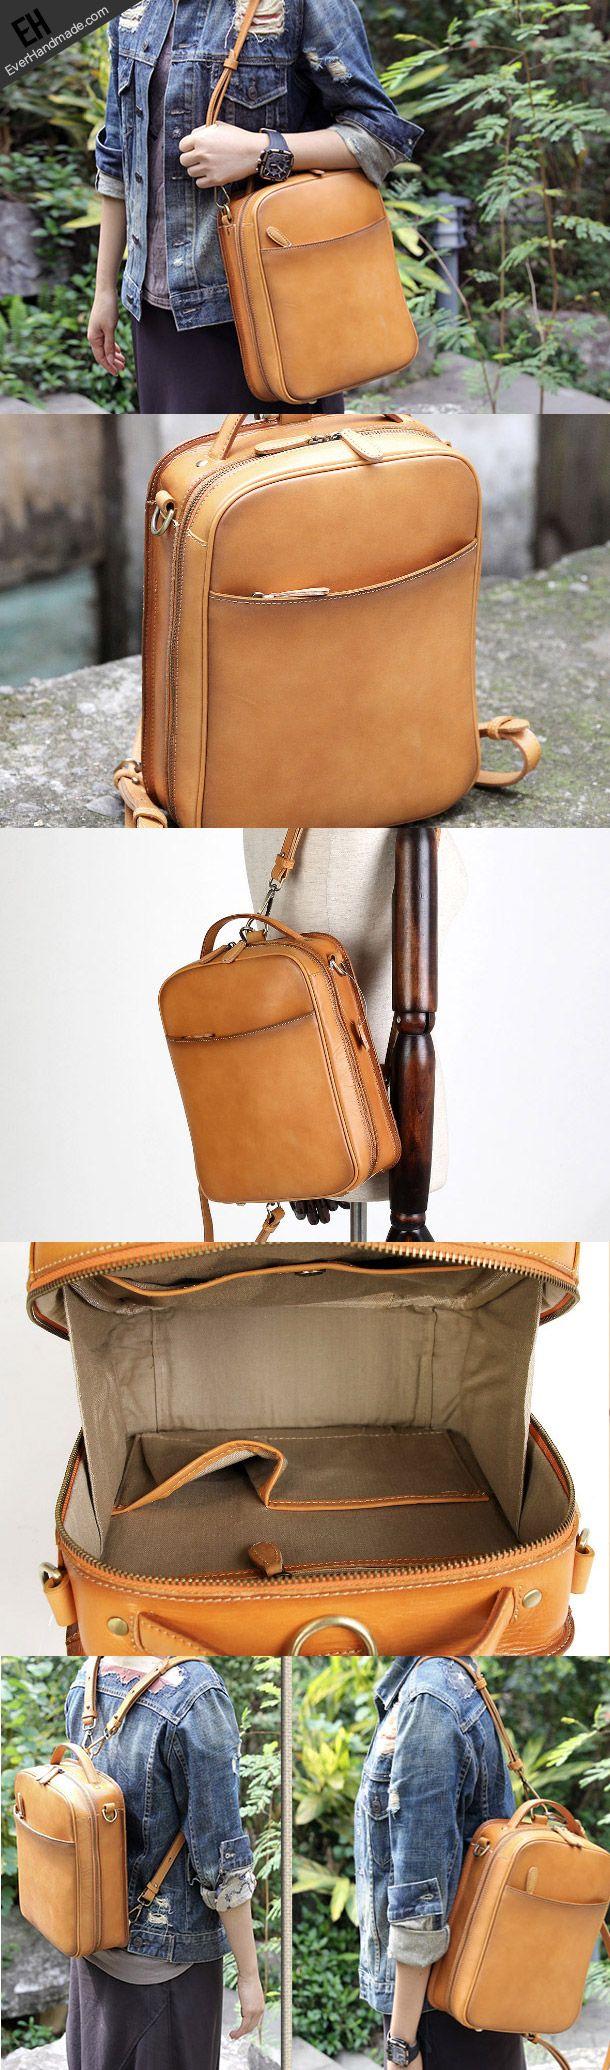 Handmade vintage satchel leather normal messenger bag beige shoulder bag for women